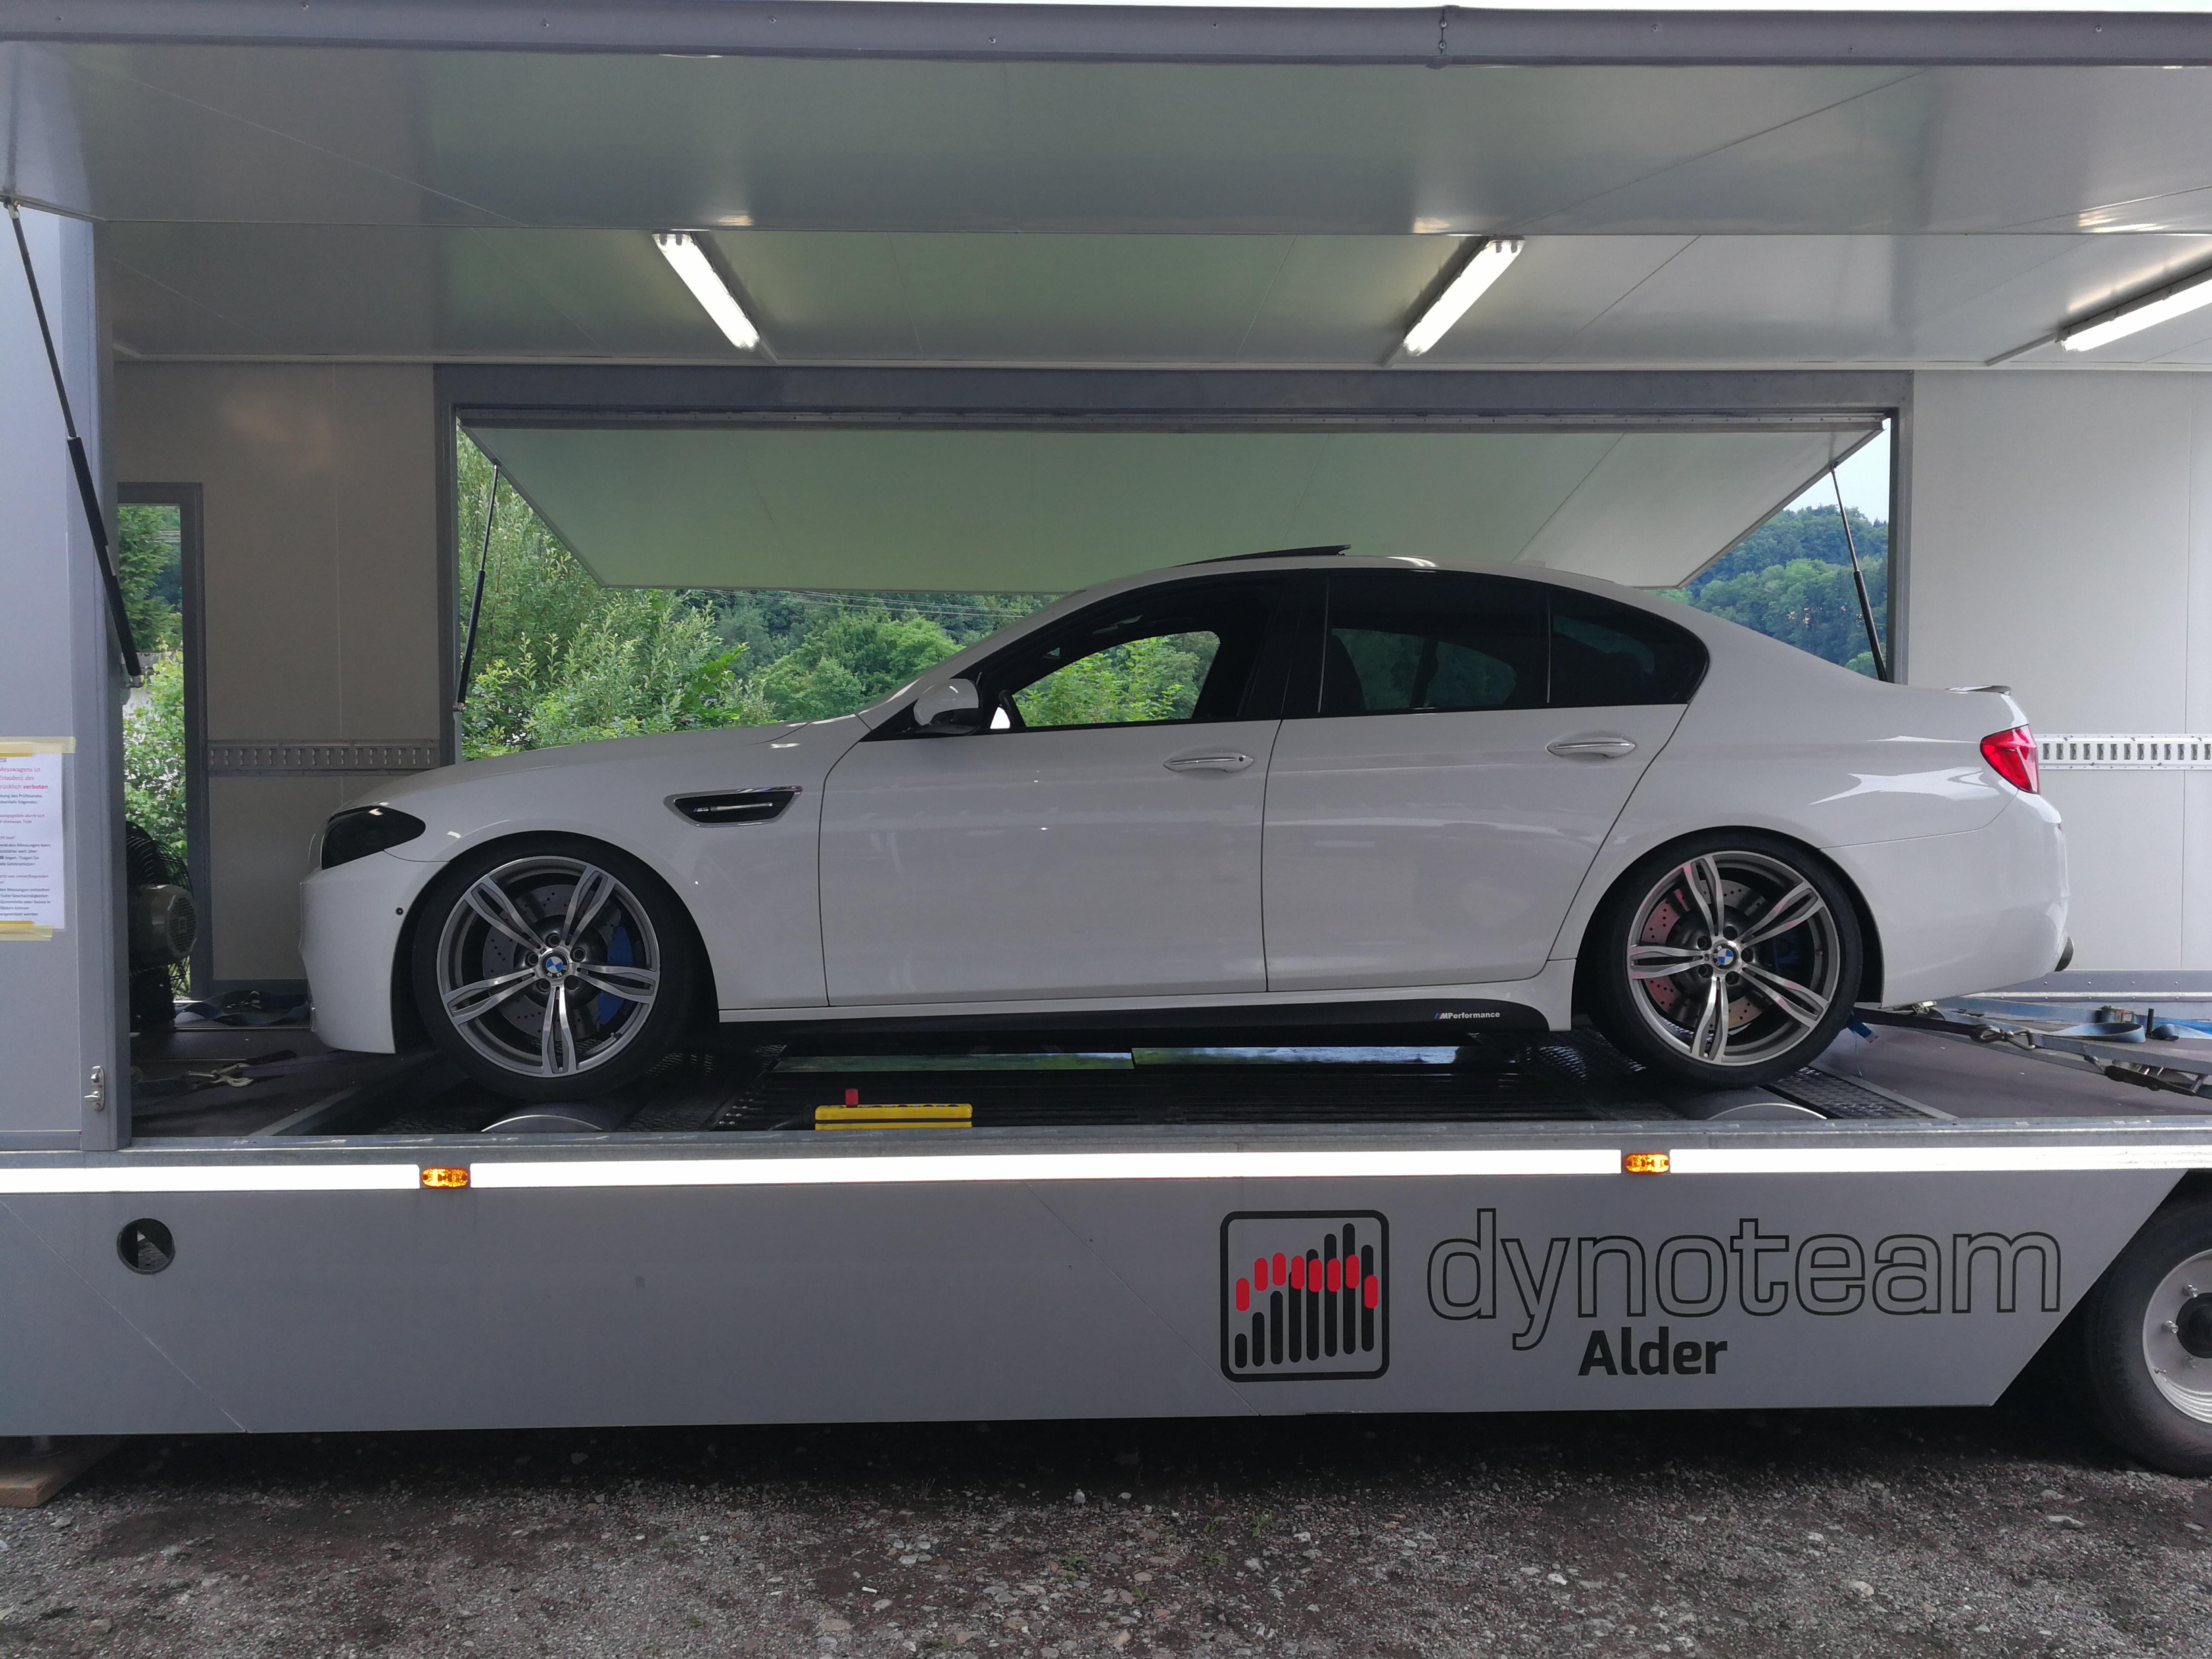 Dynoteam Alder Leistungsmessung (BMW)